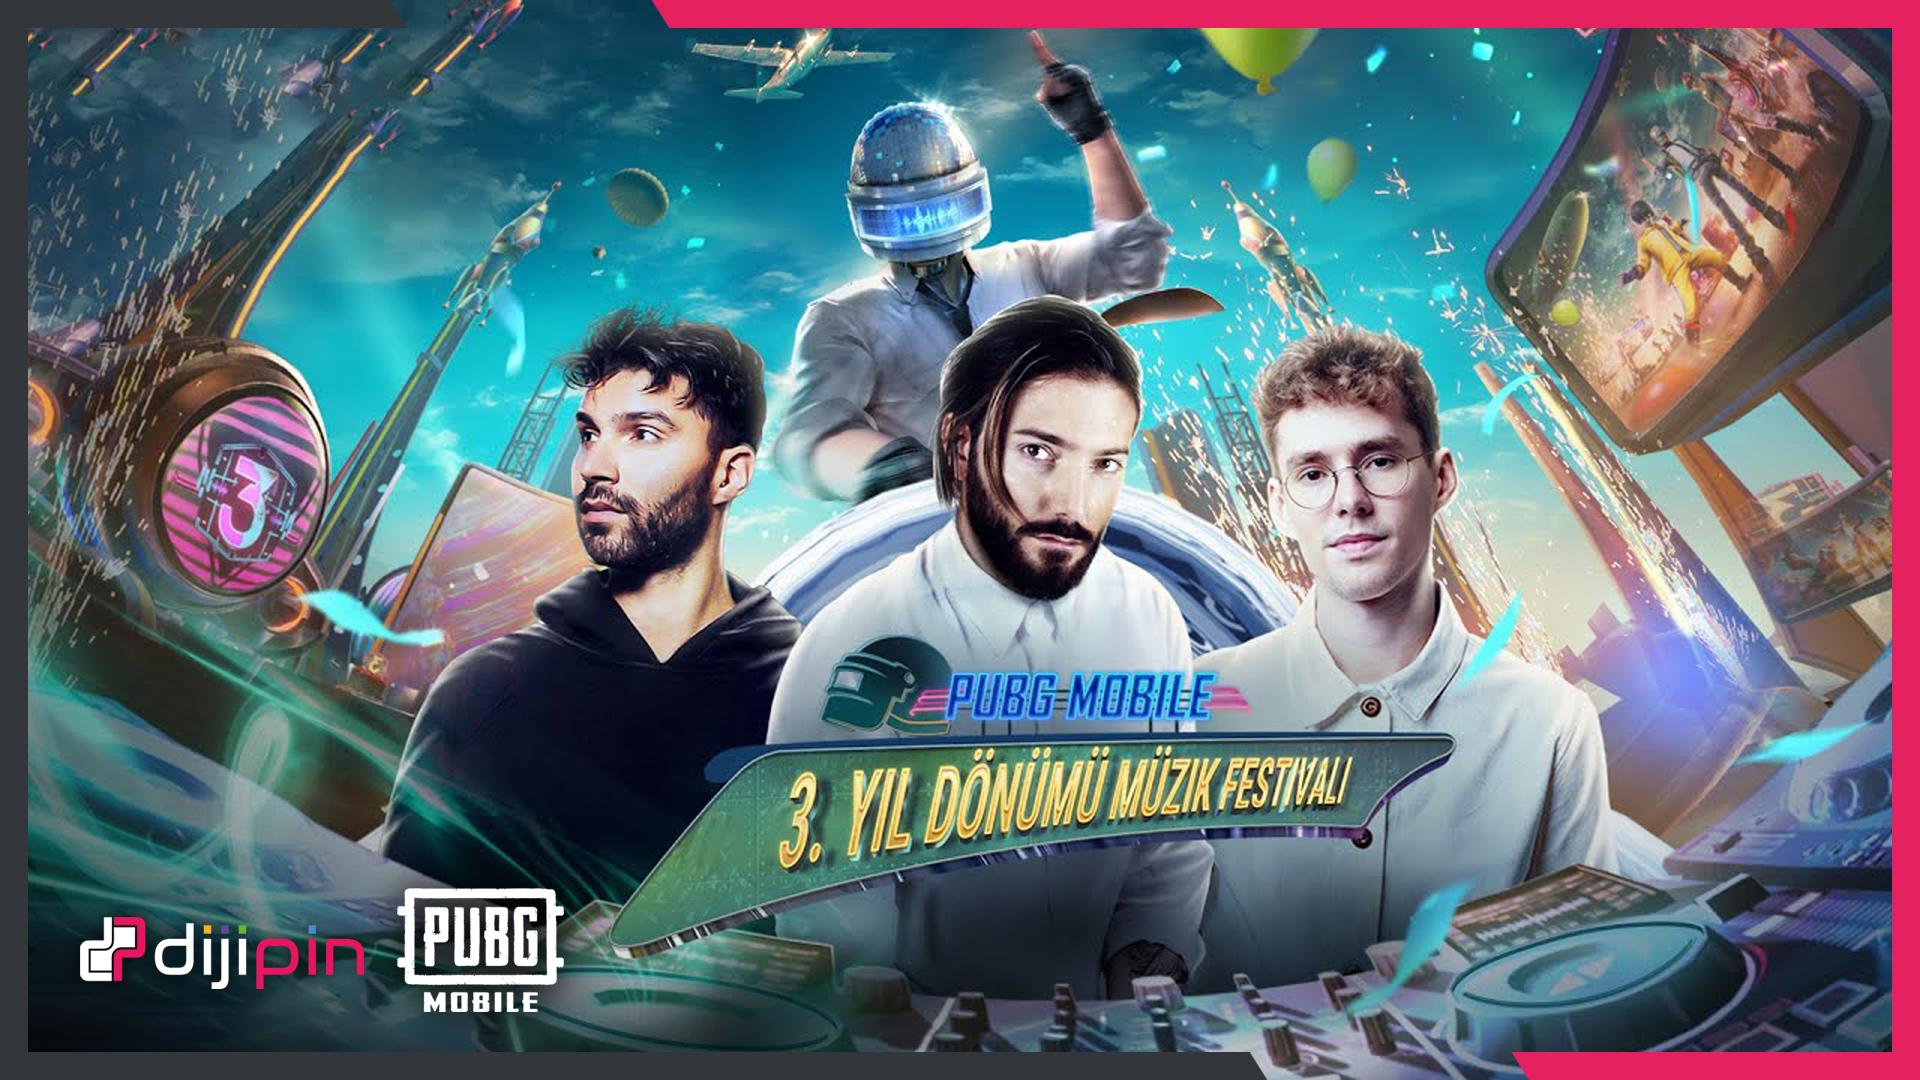 PubG Mobile 3.Yıl Dönümü Müzik Partisinde Alesso Rüzgarı Esecek